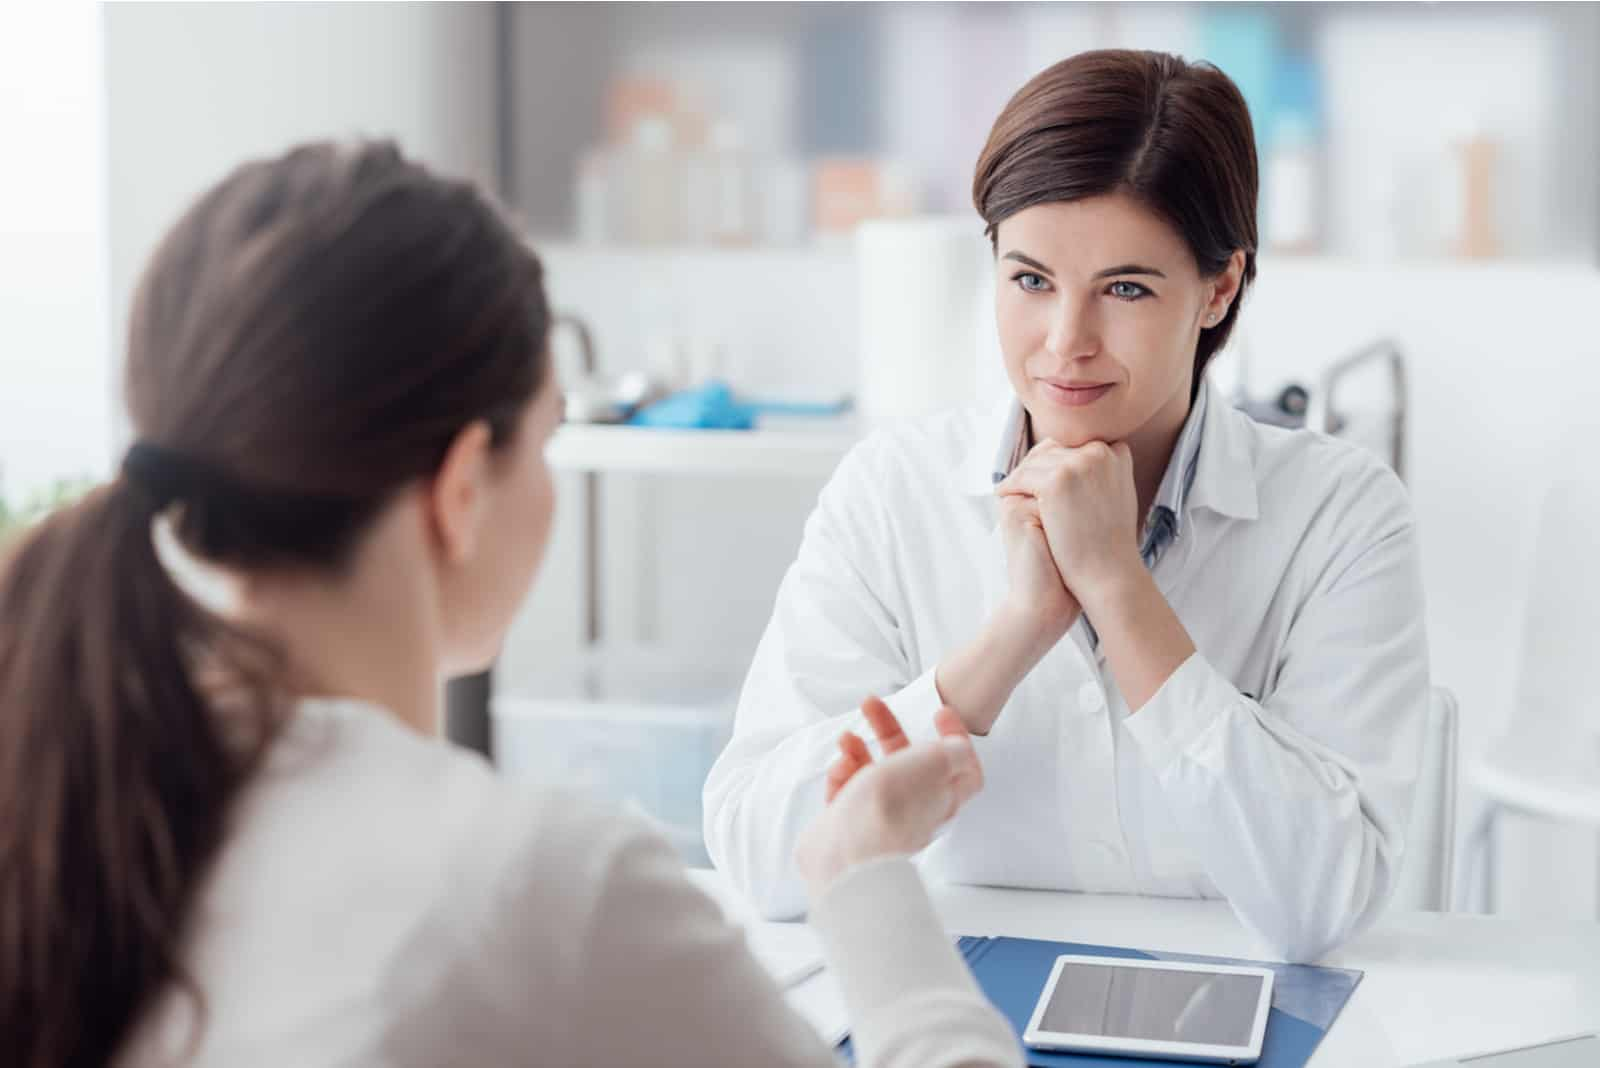 la femme parle à un psychologue